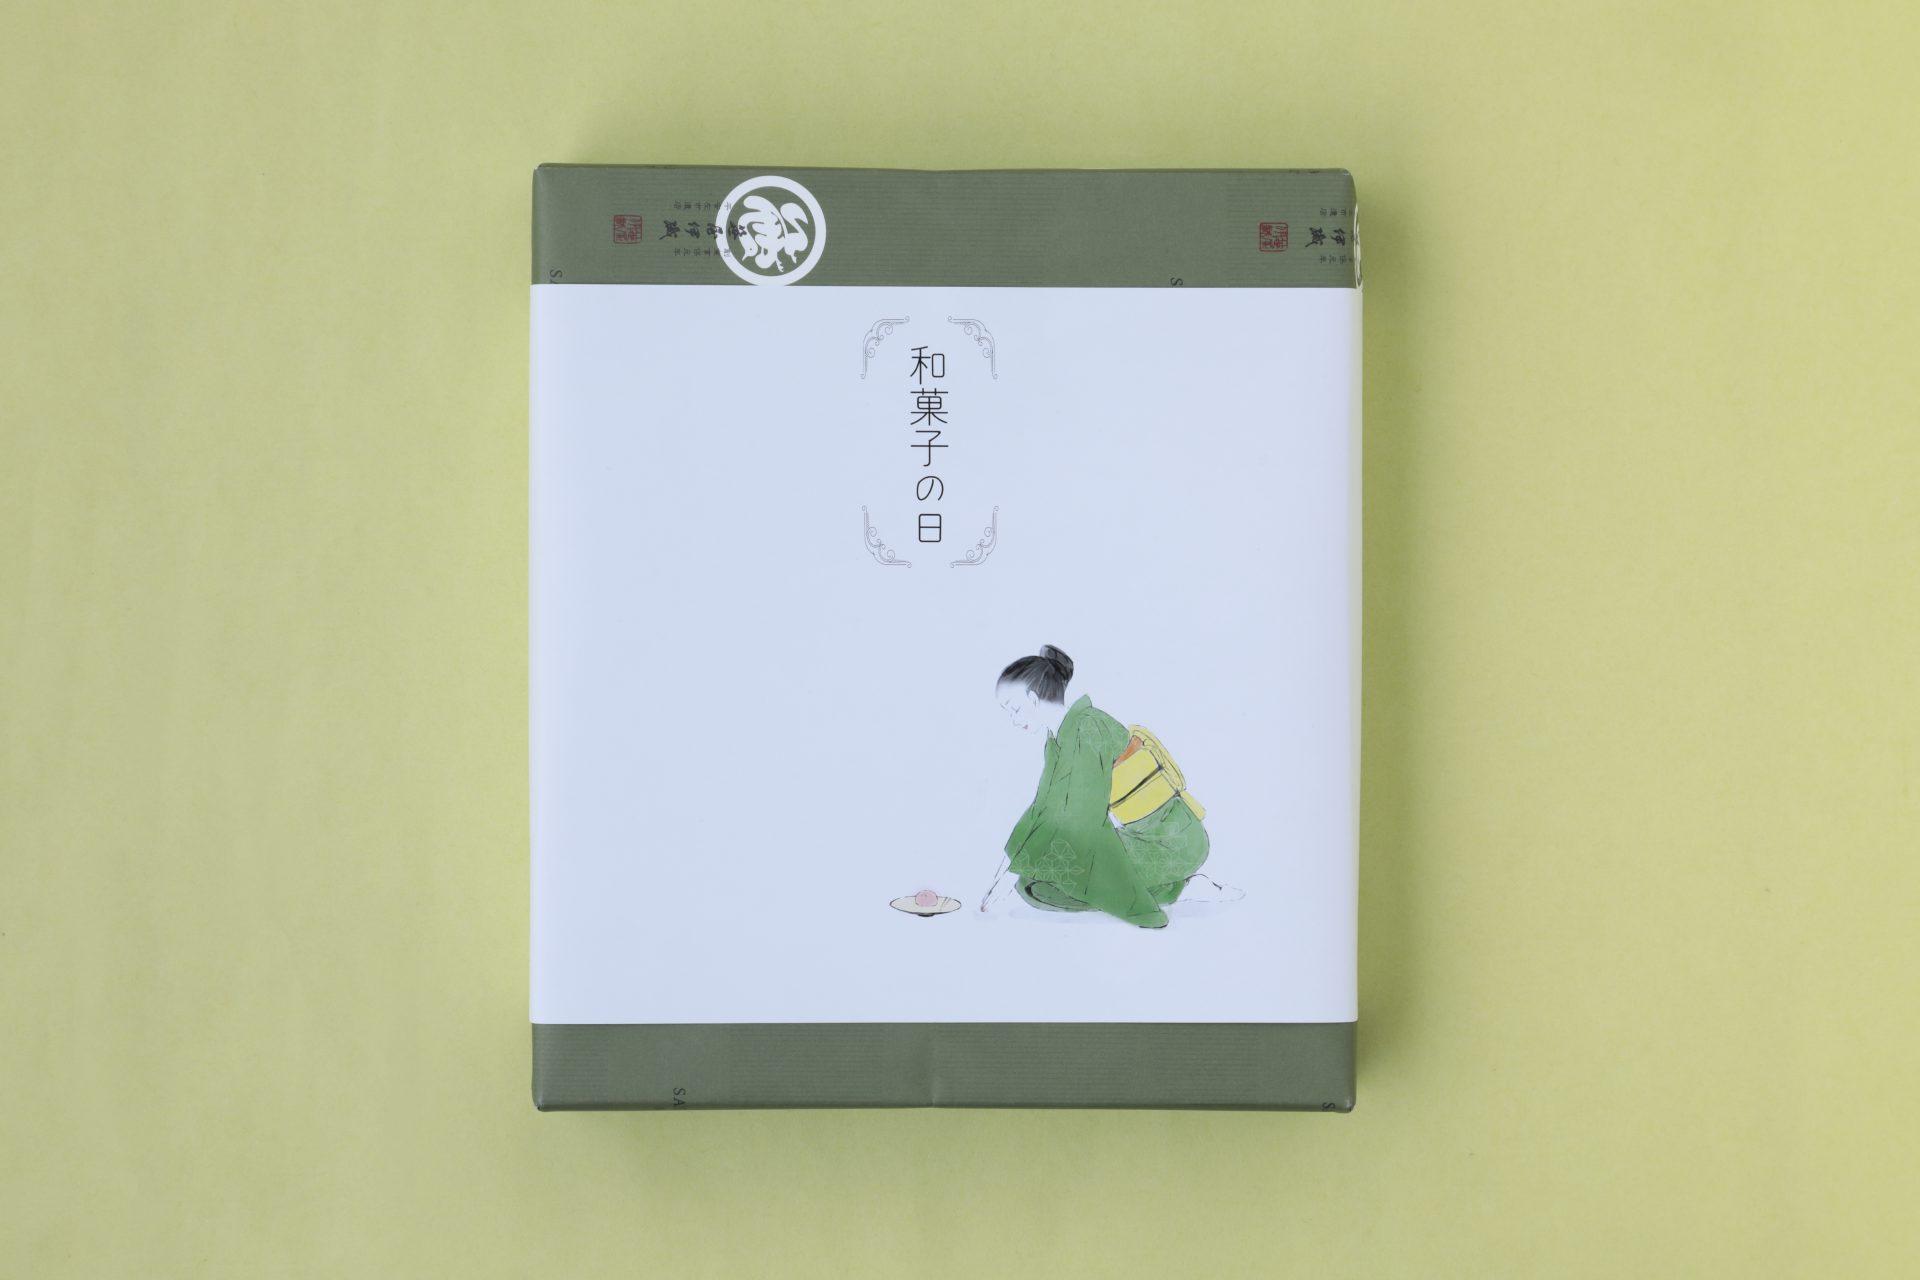 【和菓子の日(6/15・16届)】代表銘菓 どら焼 詰合せ 二